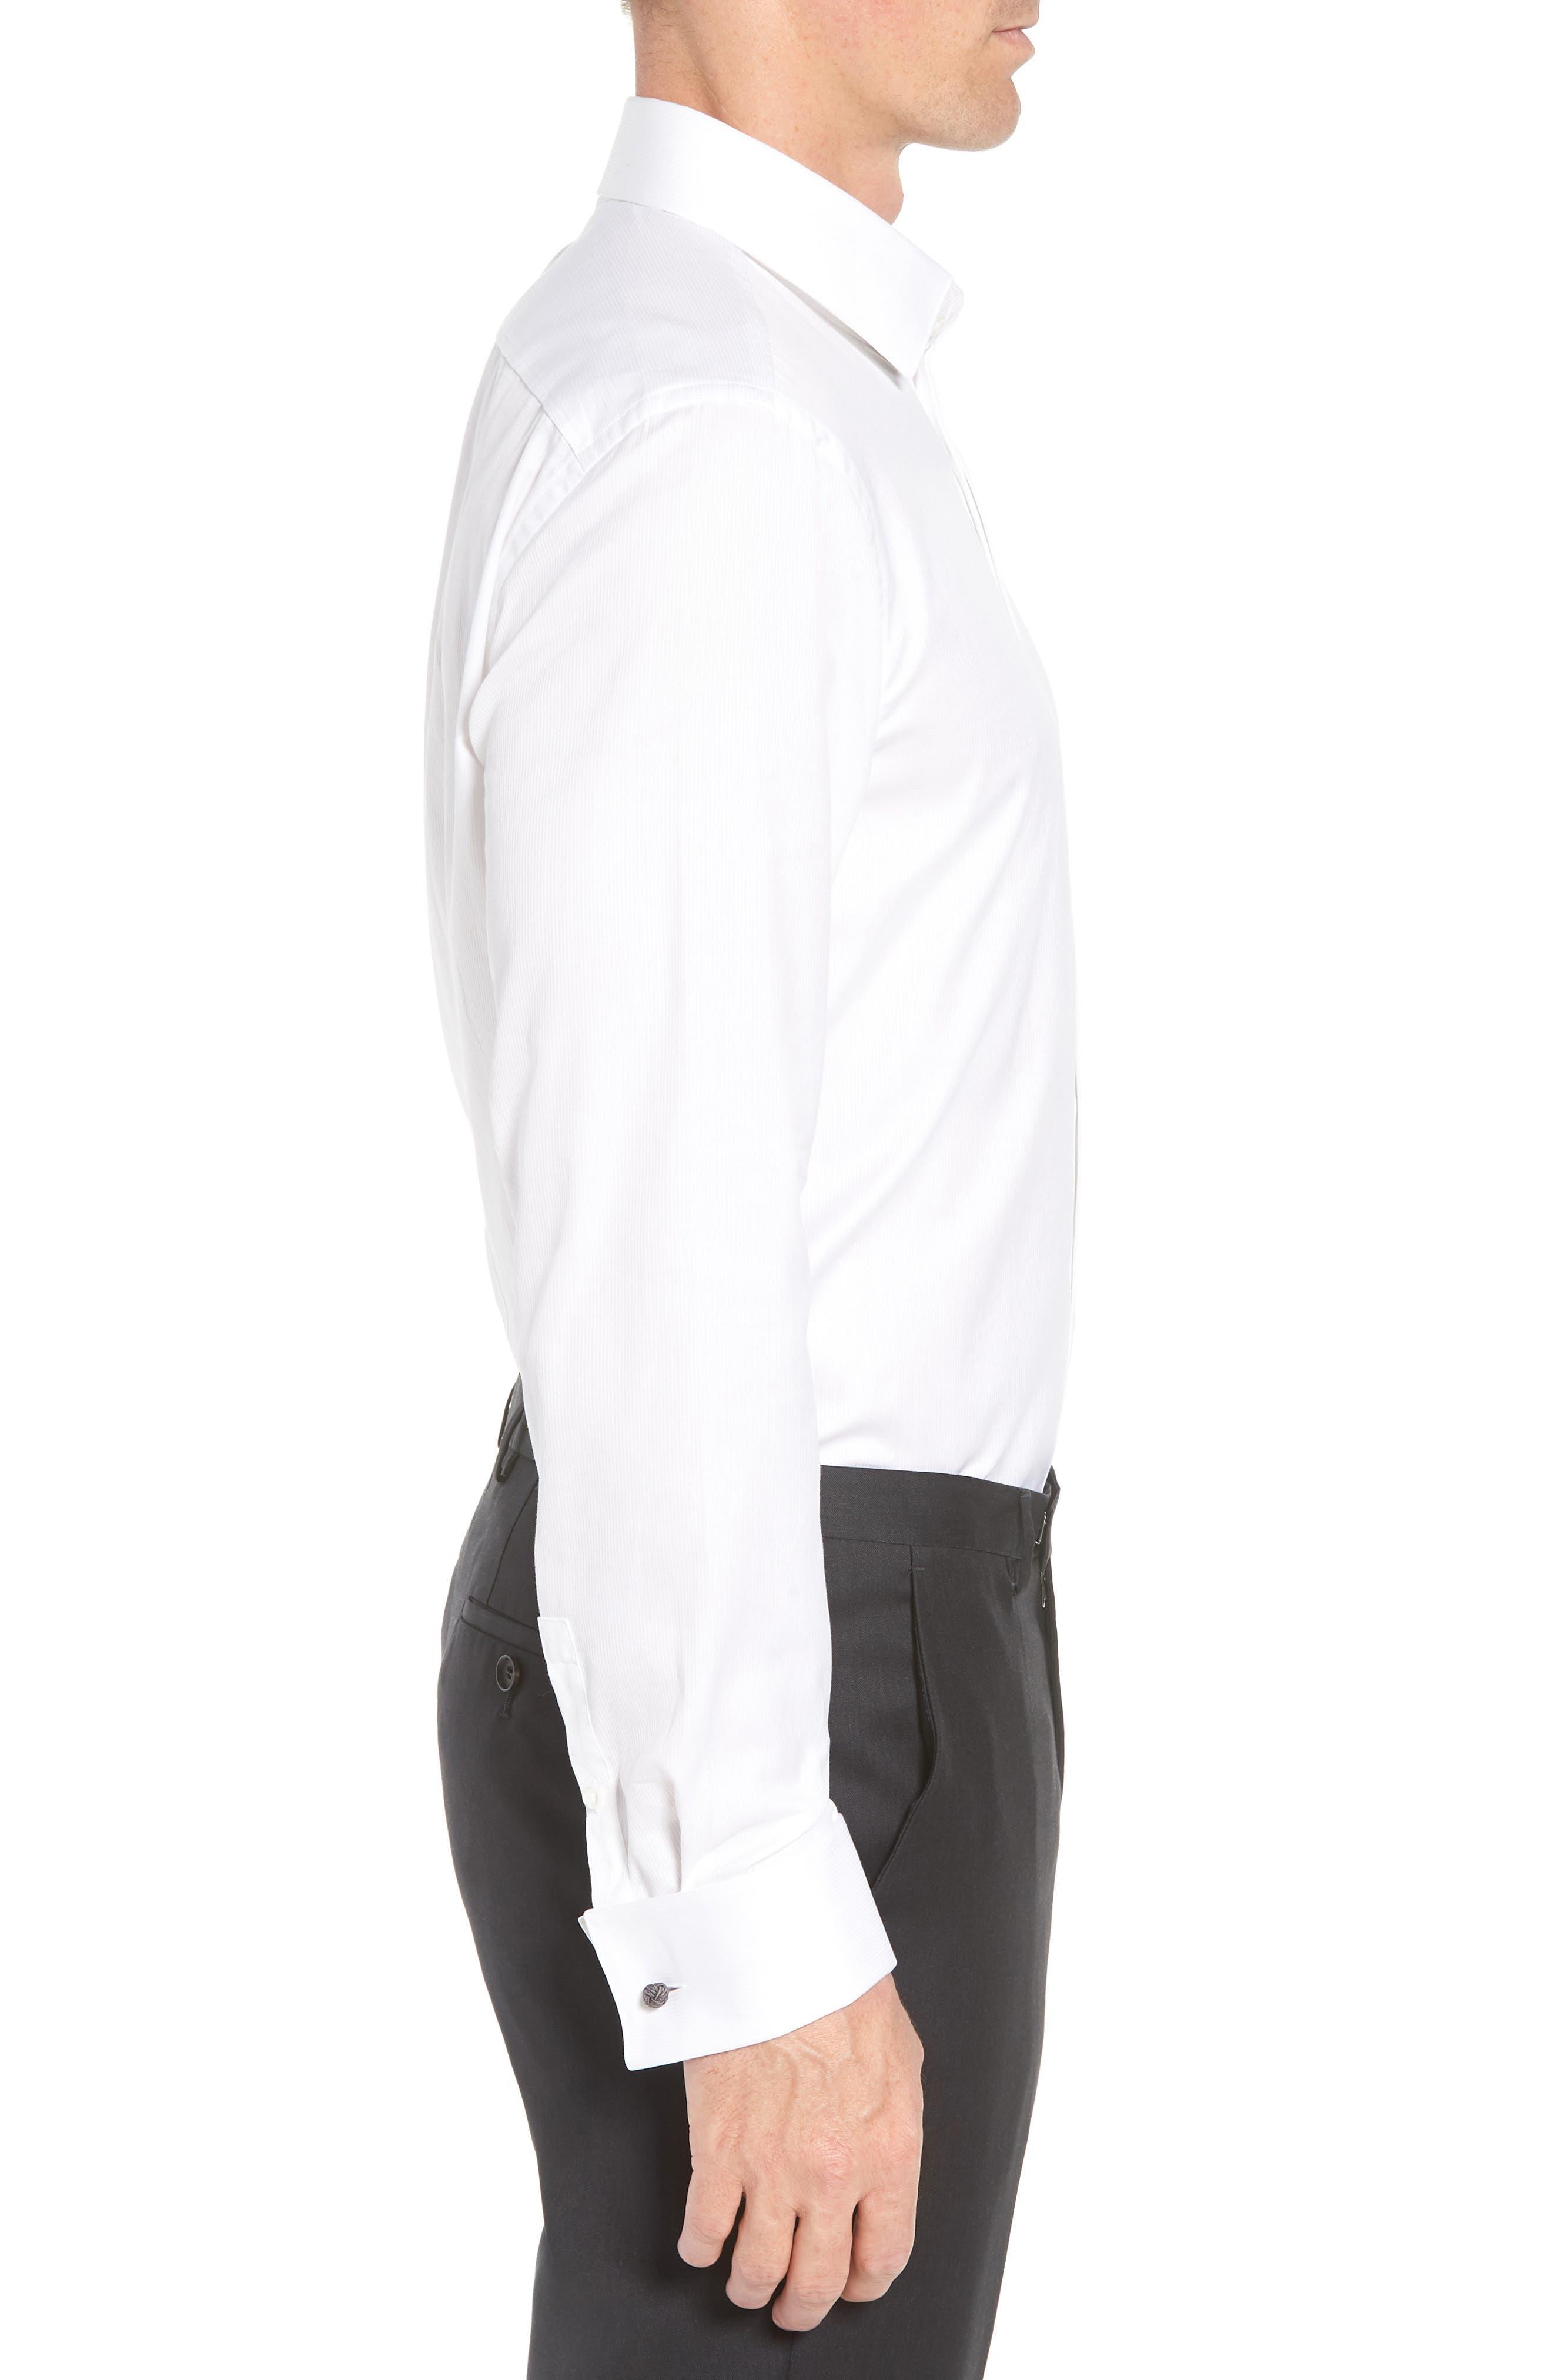 Myron Sharp Fit Tuxedo Shirt,                             Alternate thumbnail 4, color,                             White